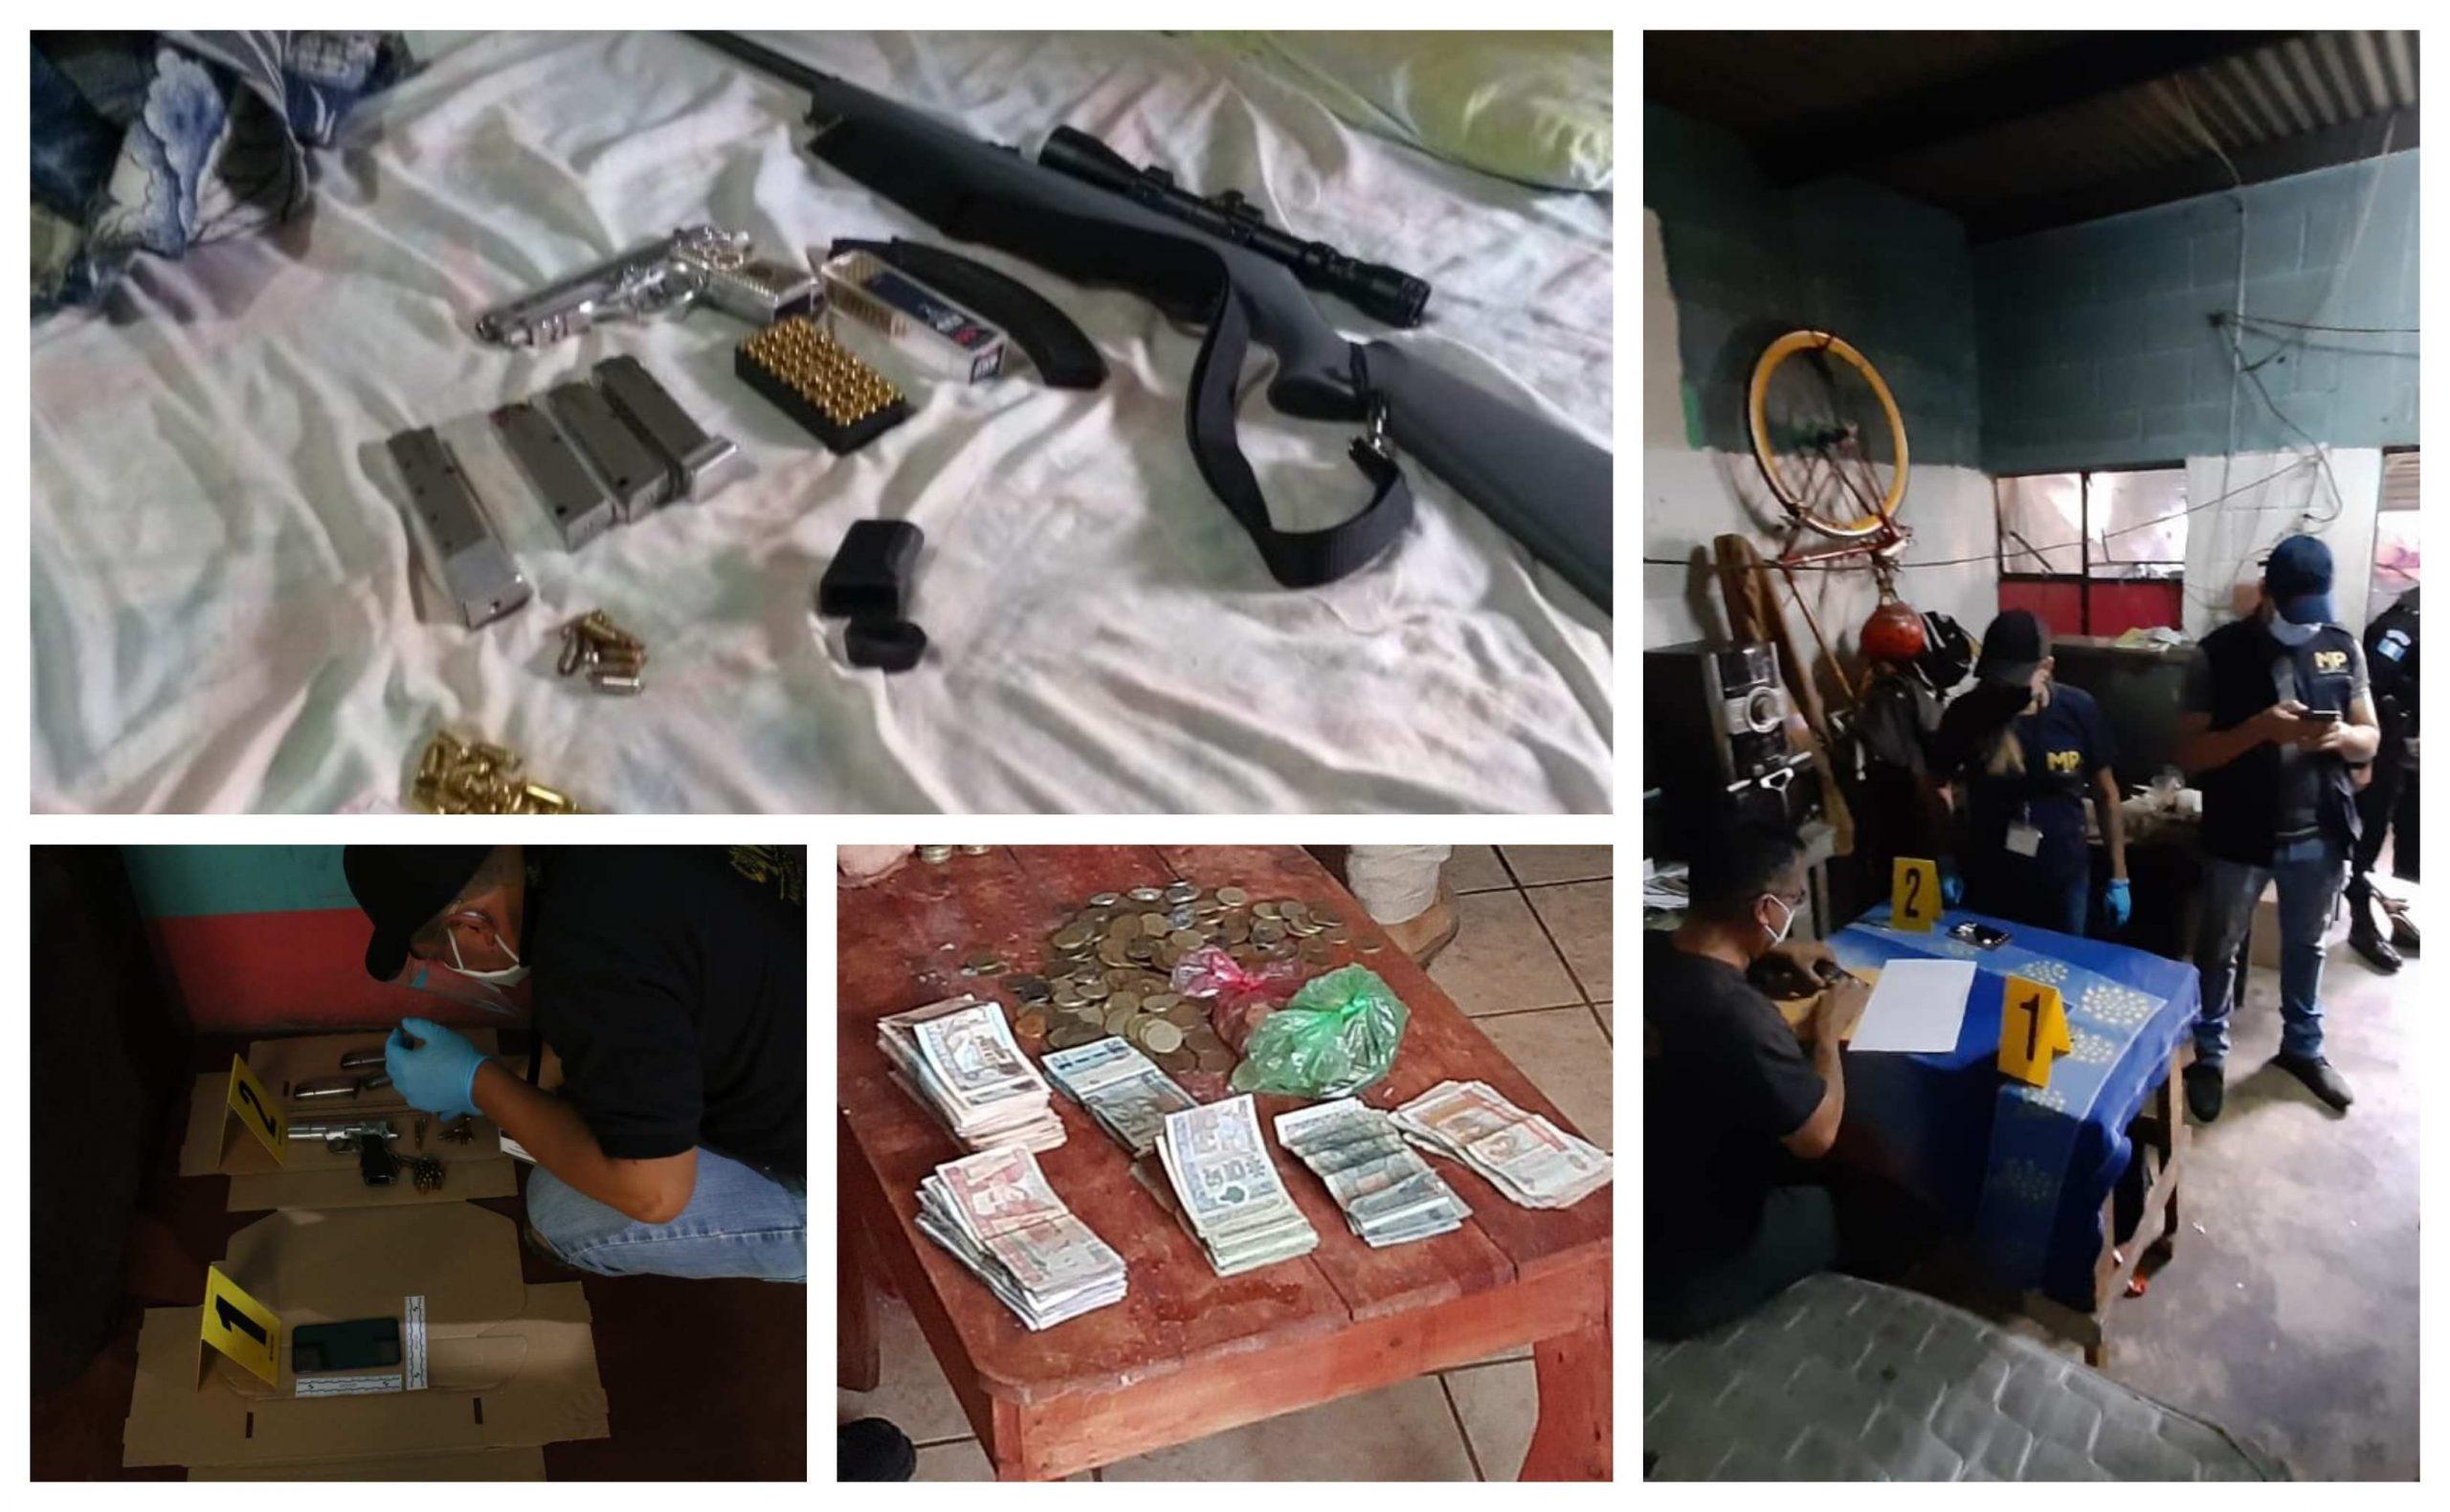 Autoridades del Ministerio Público con apoyo de la Policía Nacional Civil, lograron la captura de 25 personas que conformaban la banda de sicarios. Entre los detenidos hay ocho agentes de la PNC. (Foto: MP)